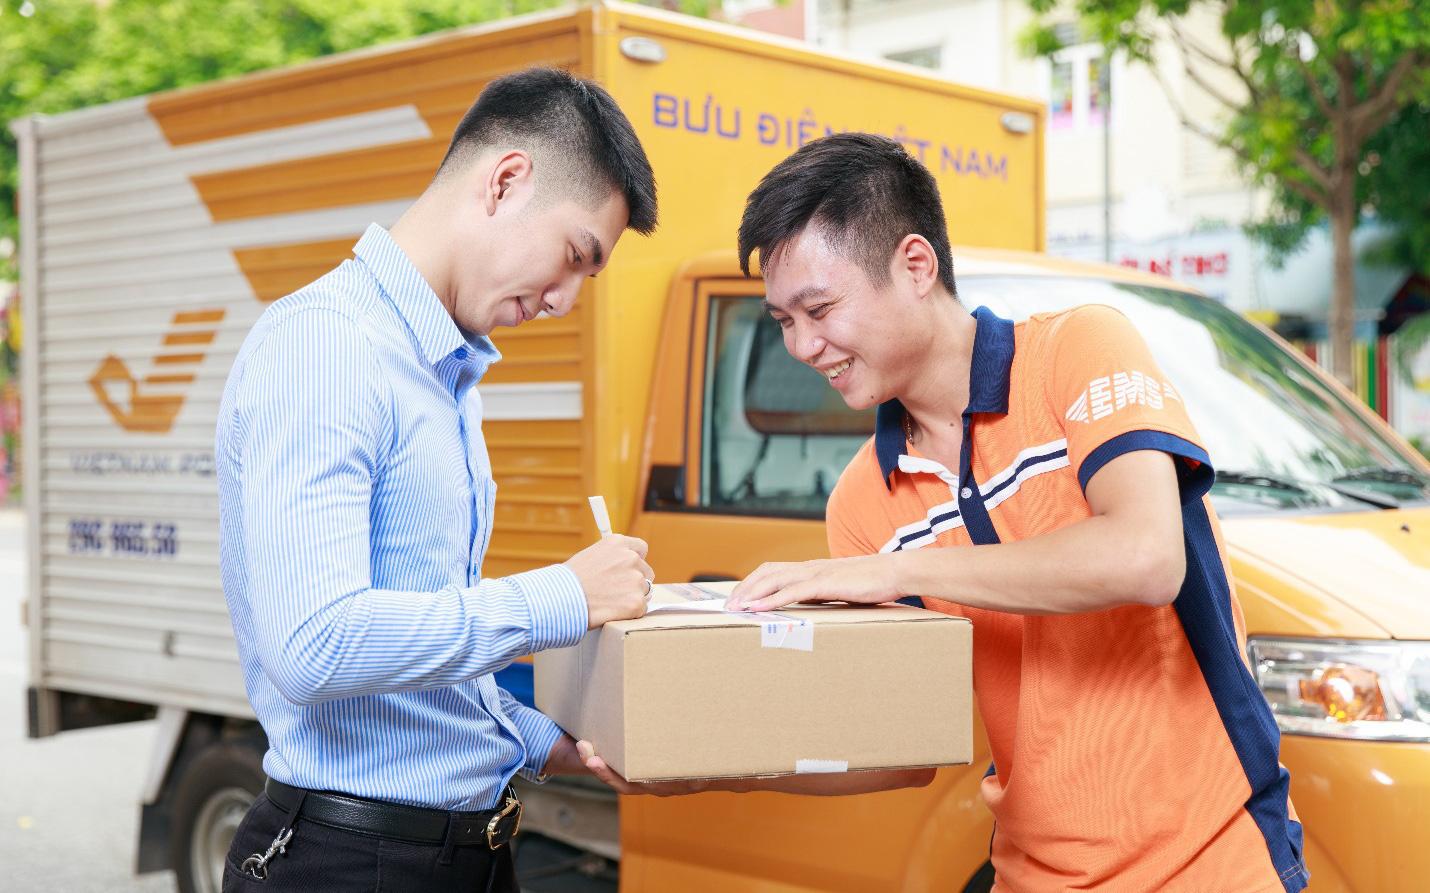 Thỏa sức gửi hàng Tết Tân Sửu qua Bưu điện